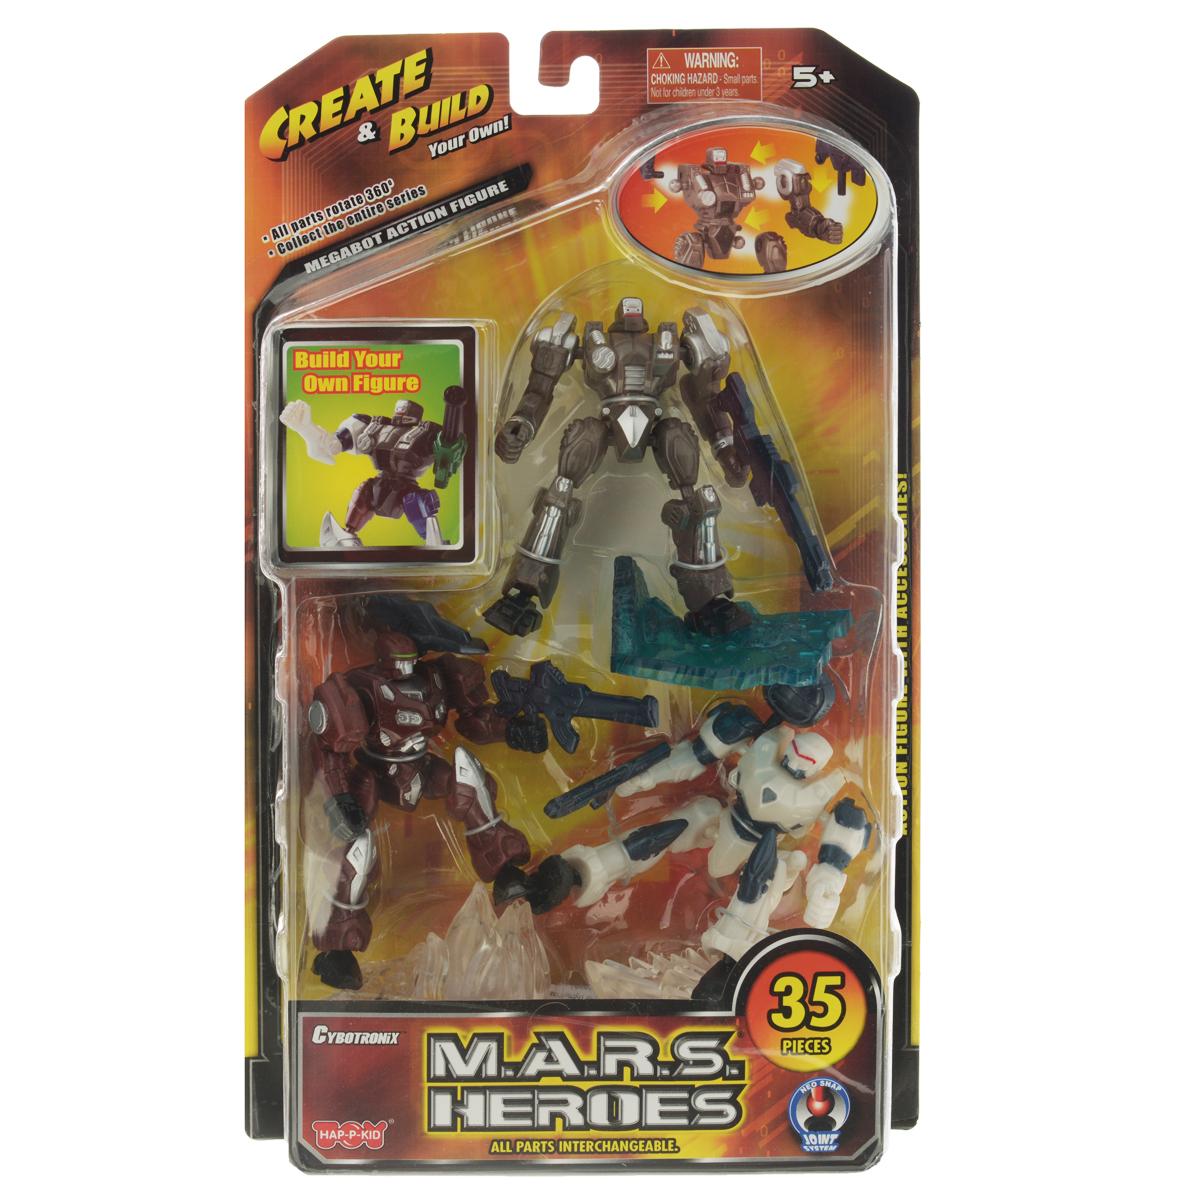 """Игровой набор """"Герои Марса"""" состоит из трех роботов, мощного оружия для них и четырех подставок. Благодаря тому, что конечности робота прикреплены к телу на шарнирах, вы сможете без труда поворачивать их руки и ноги в разные стороны. Каждое из пяти оружий, входящих в комплект, легко фиксируется в руках робота. Теперь у вас появилась возможность собрать свою коллекцию Героев Марса. Компания """"Happy Kid Toy Group Ltd"""" была основана более 20 лет назад, сегодня она известна под брэндом """"HAP-P-KID®"""", благодаря которому заслужила отличную репутацию в отрасли производства детских игрушек. """"Happy Kid Toy Group Ltd"""" один из ведущих производителей и импортеров высококачественных игрушек из пластмассы. Продукция компании яркая, инновационная и недорогая, отвечает запросам покупателей и соответствует стандартам качества и безопасности. """"Торговый Дом """"Гулливер и Ко"""" является эксклюзивным дистрибьютором и осуществляет поставки продукции """"Happy Kid Toy"""" на российский..."""